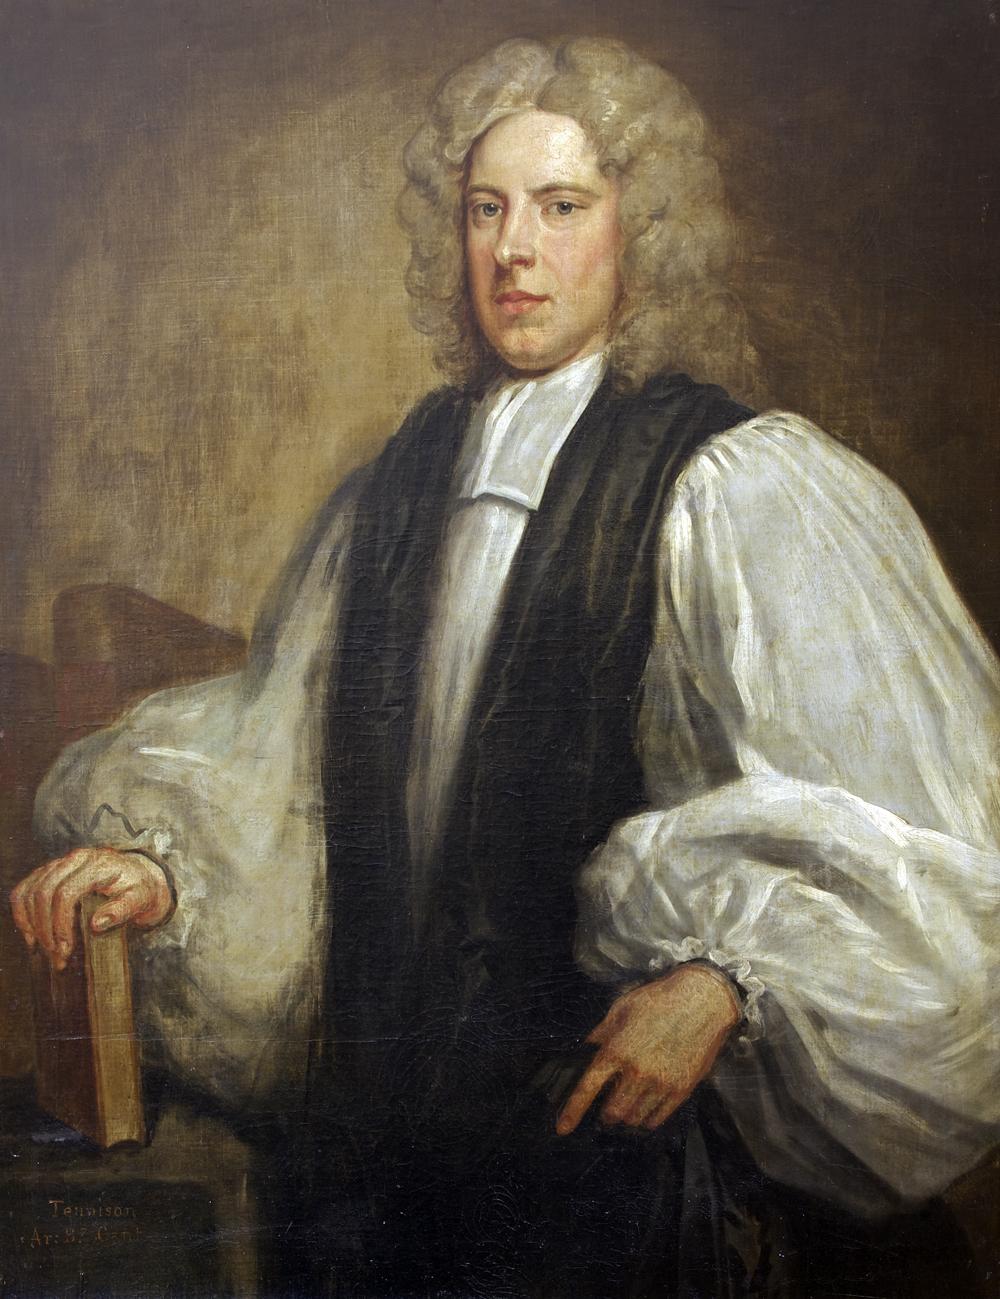 Edward Tenison, portrait by [[John Vanderbank